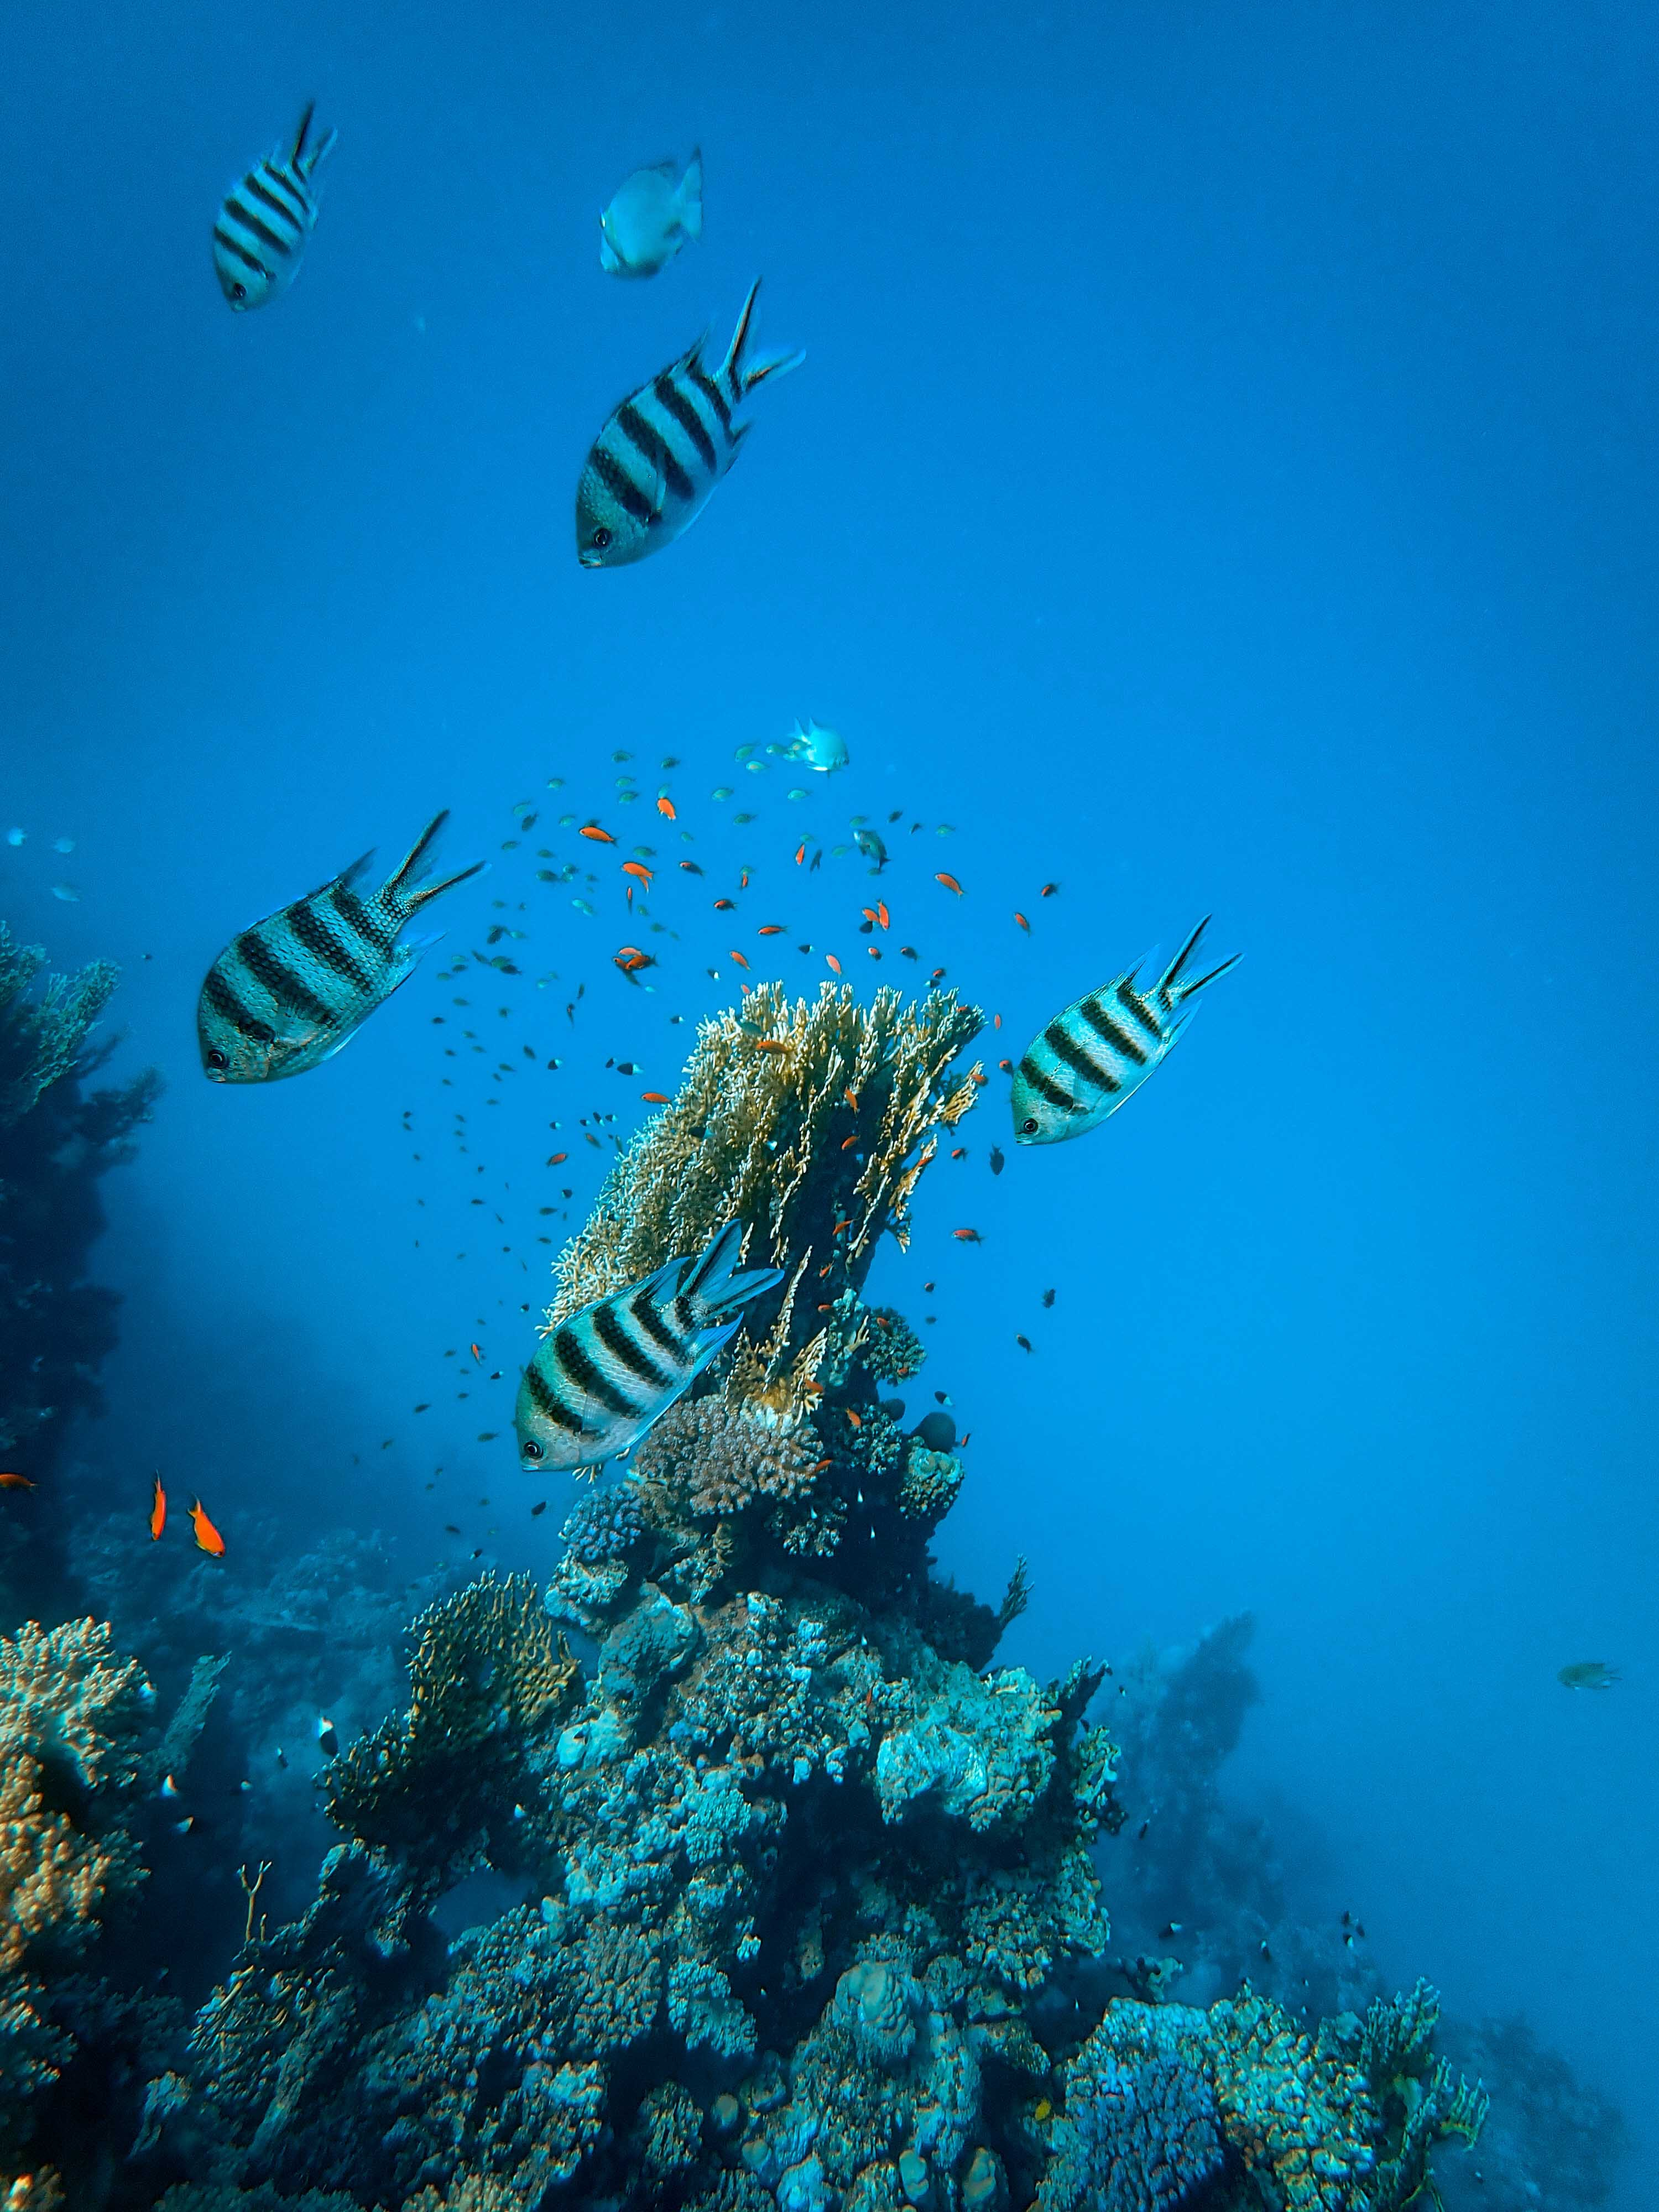 68802 Заставки и Обои Рыбы на телефон. Скачать Рыбы, Животные, Кораллы, Аквариум, Водоросли картинки бесплатно